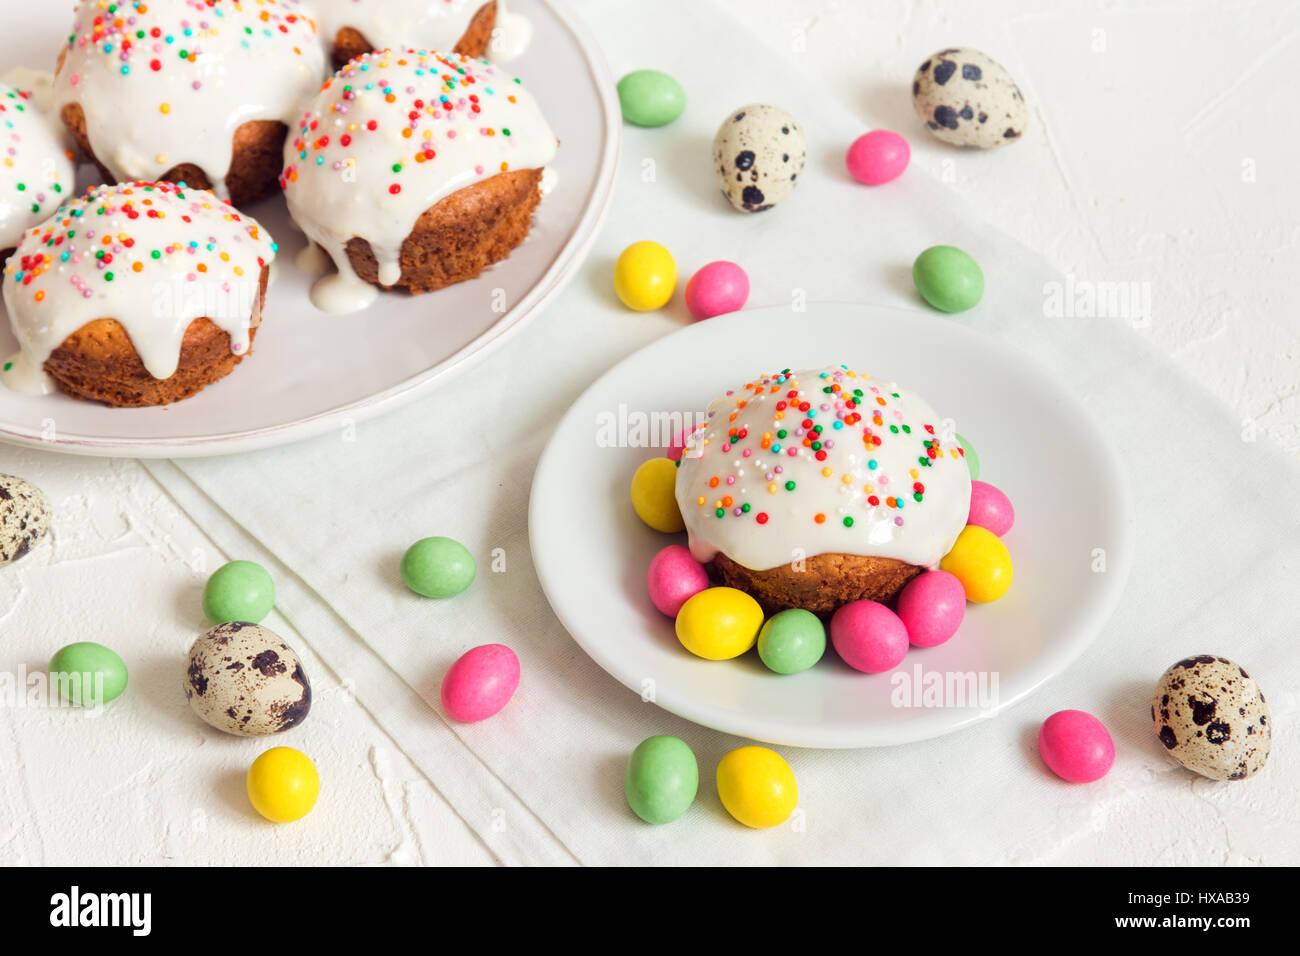 Gâteaux de pâques avec glaçage blanc et décor de fête de Pâques sur fond blanc avec Photo Stock